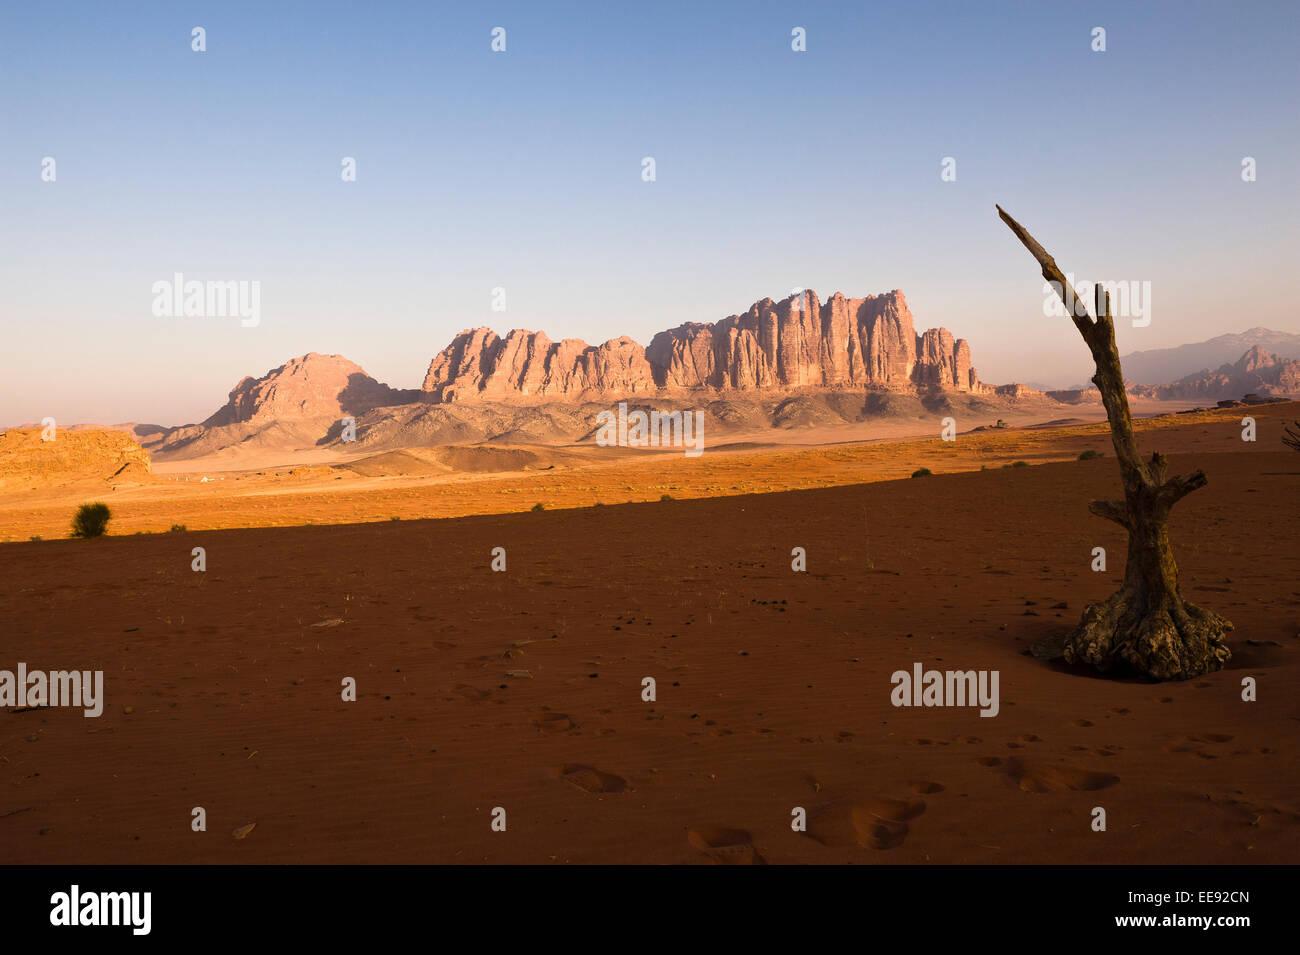 Una vista di Jebel Qattar, che ospita la più variegata fauna selvatica nel Wadi Rum Parco Nazionale. Immagini Stock